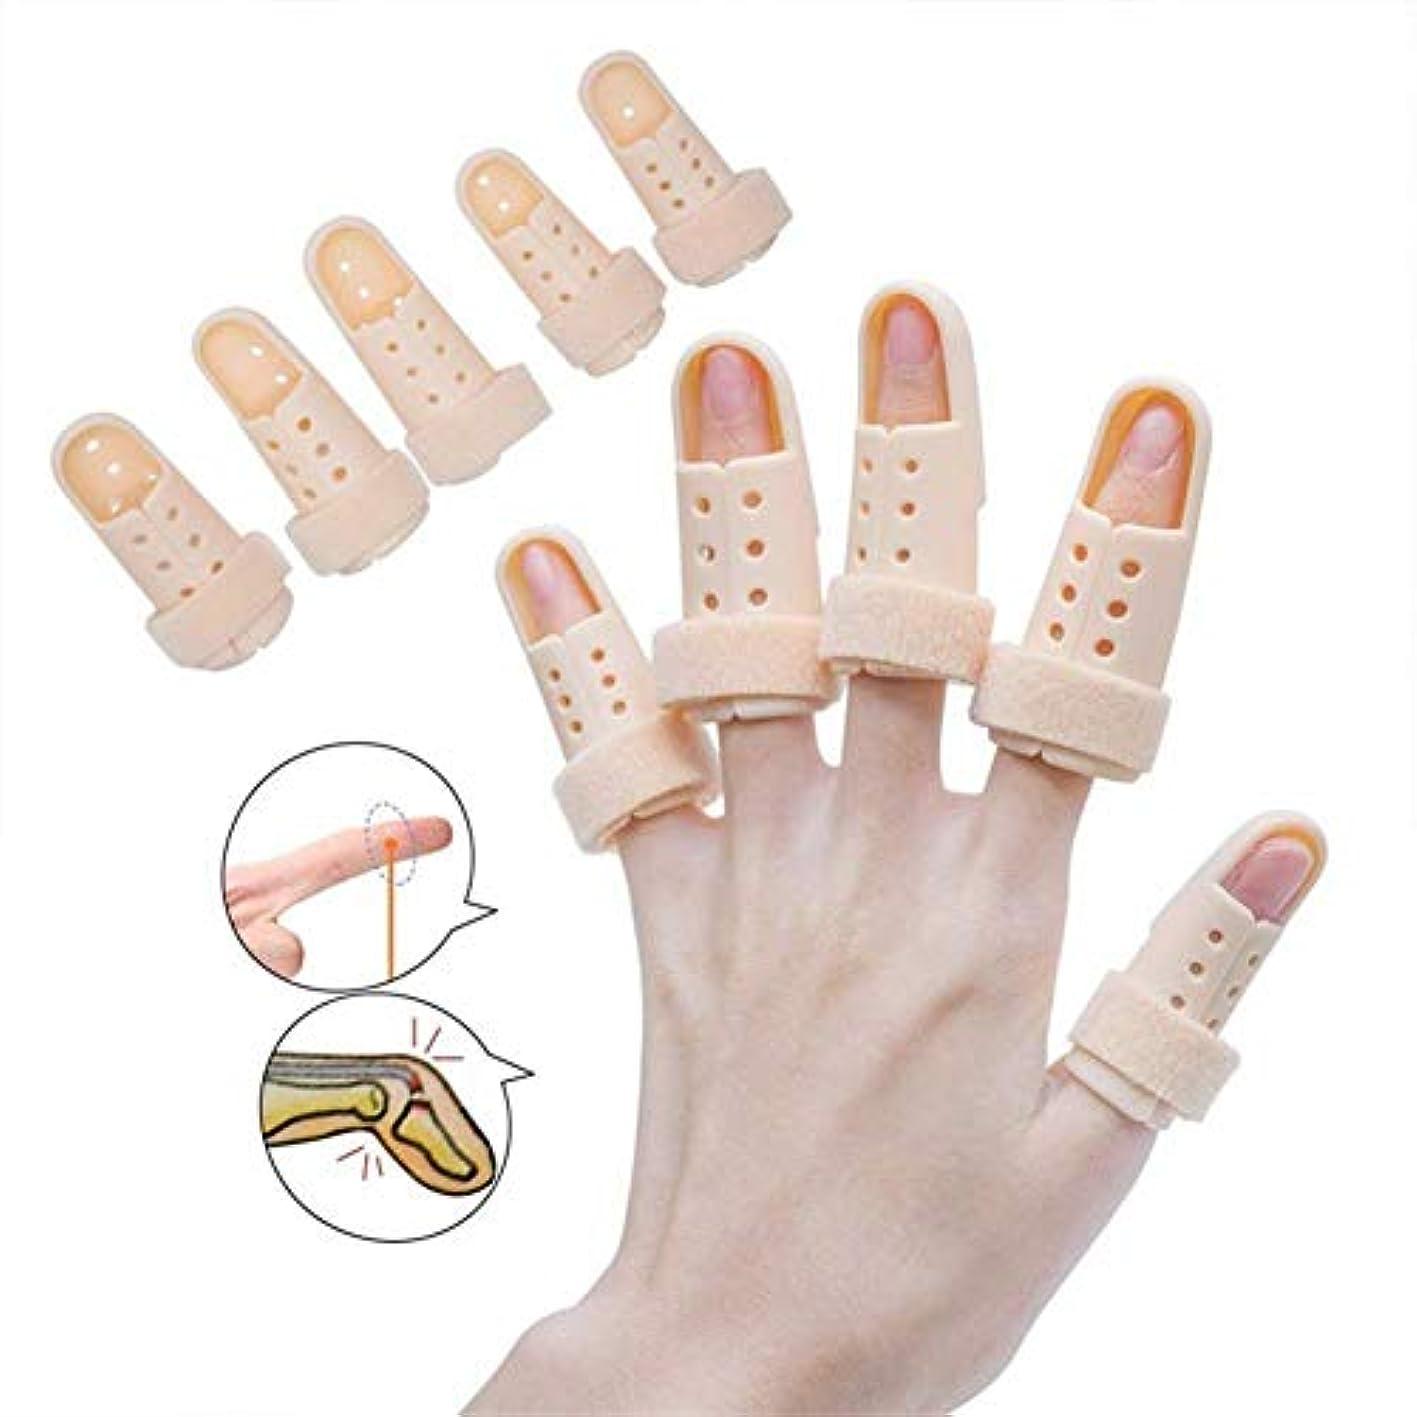 オープナースーダン愚かな指の怪我のサポート、スプリントは指の捻rain関節炎の中立保護骨折サポートのスプリントをトリガーします